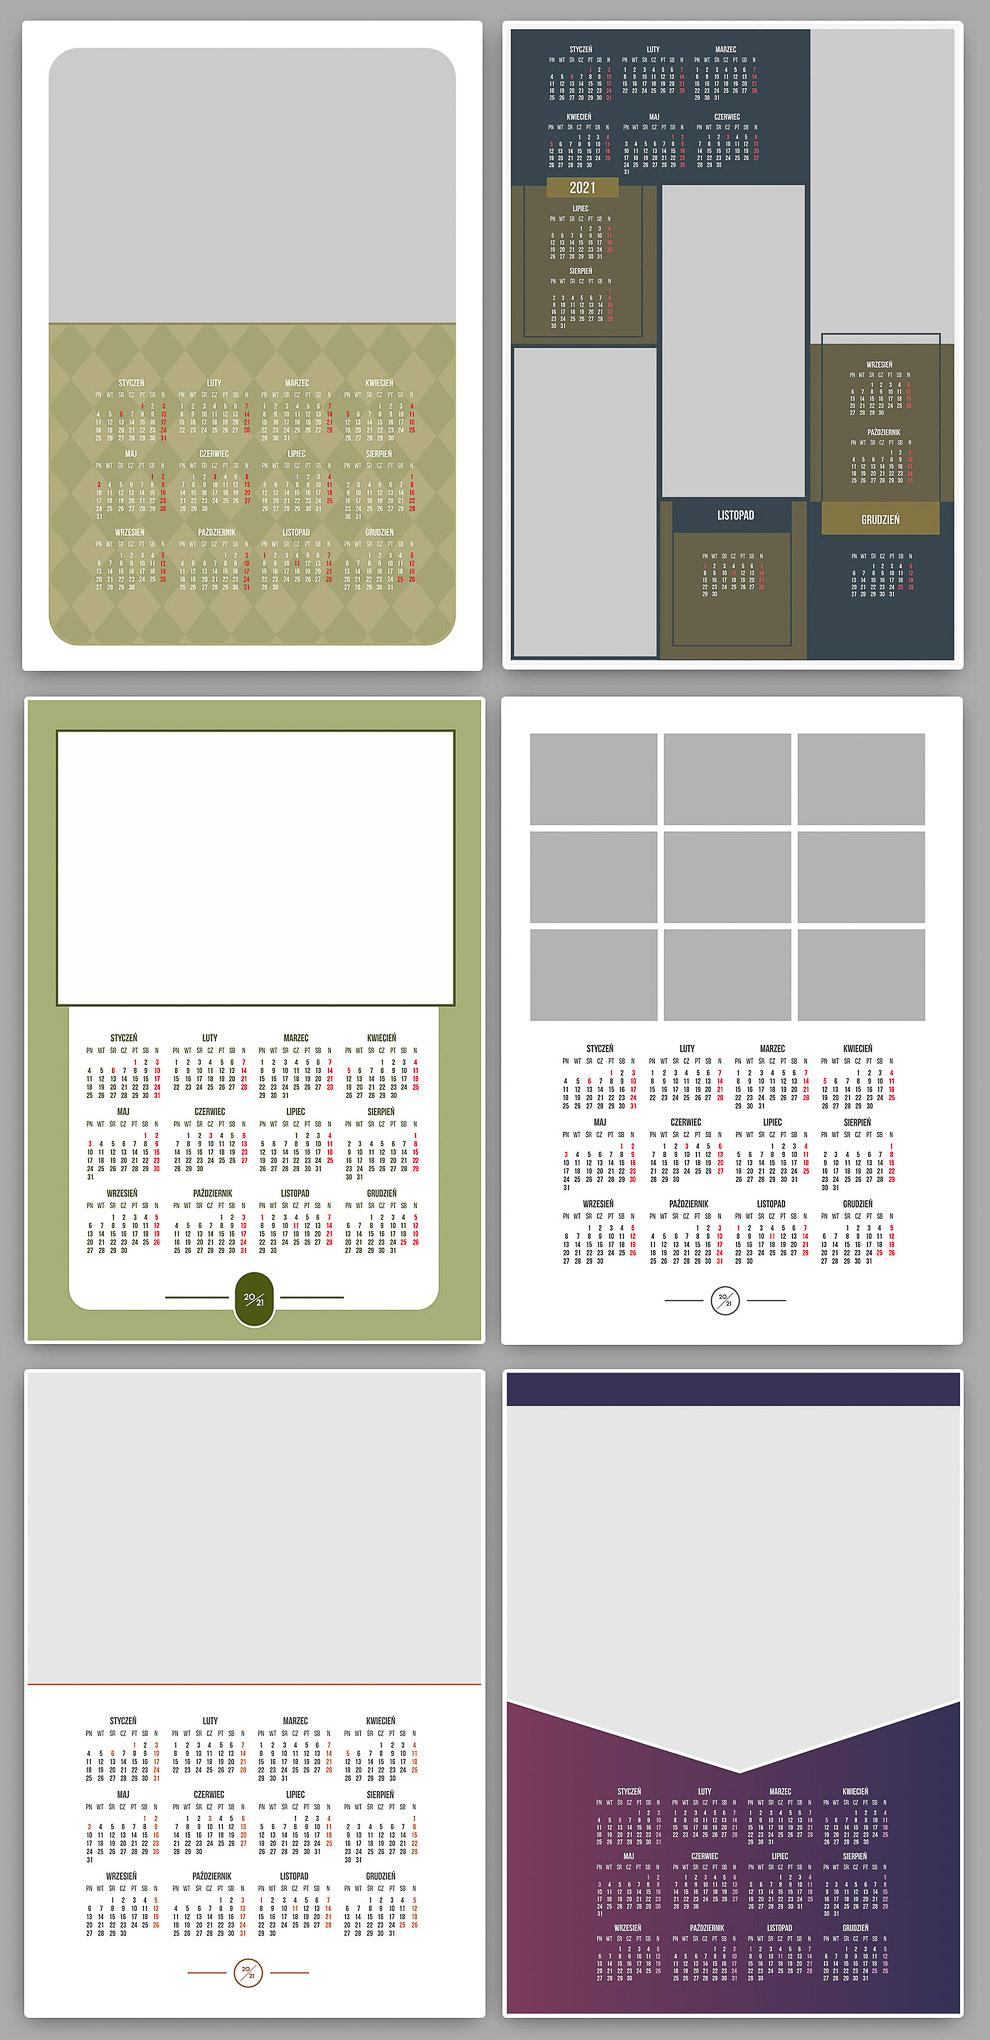 Wzory Kalendarzy A3 2021 Jednodzielne